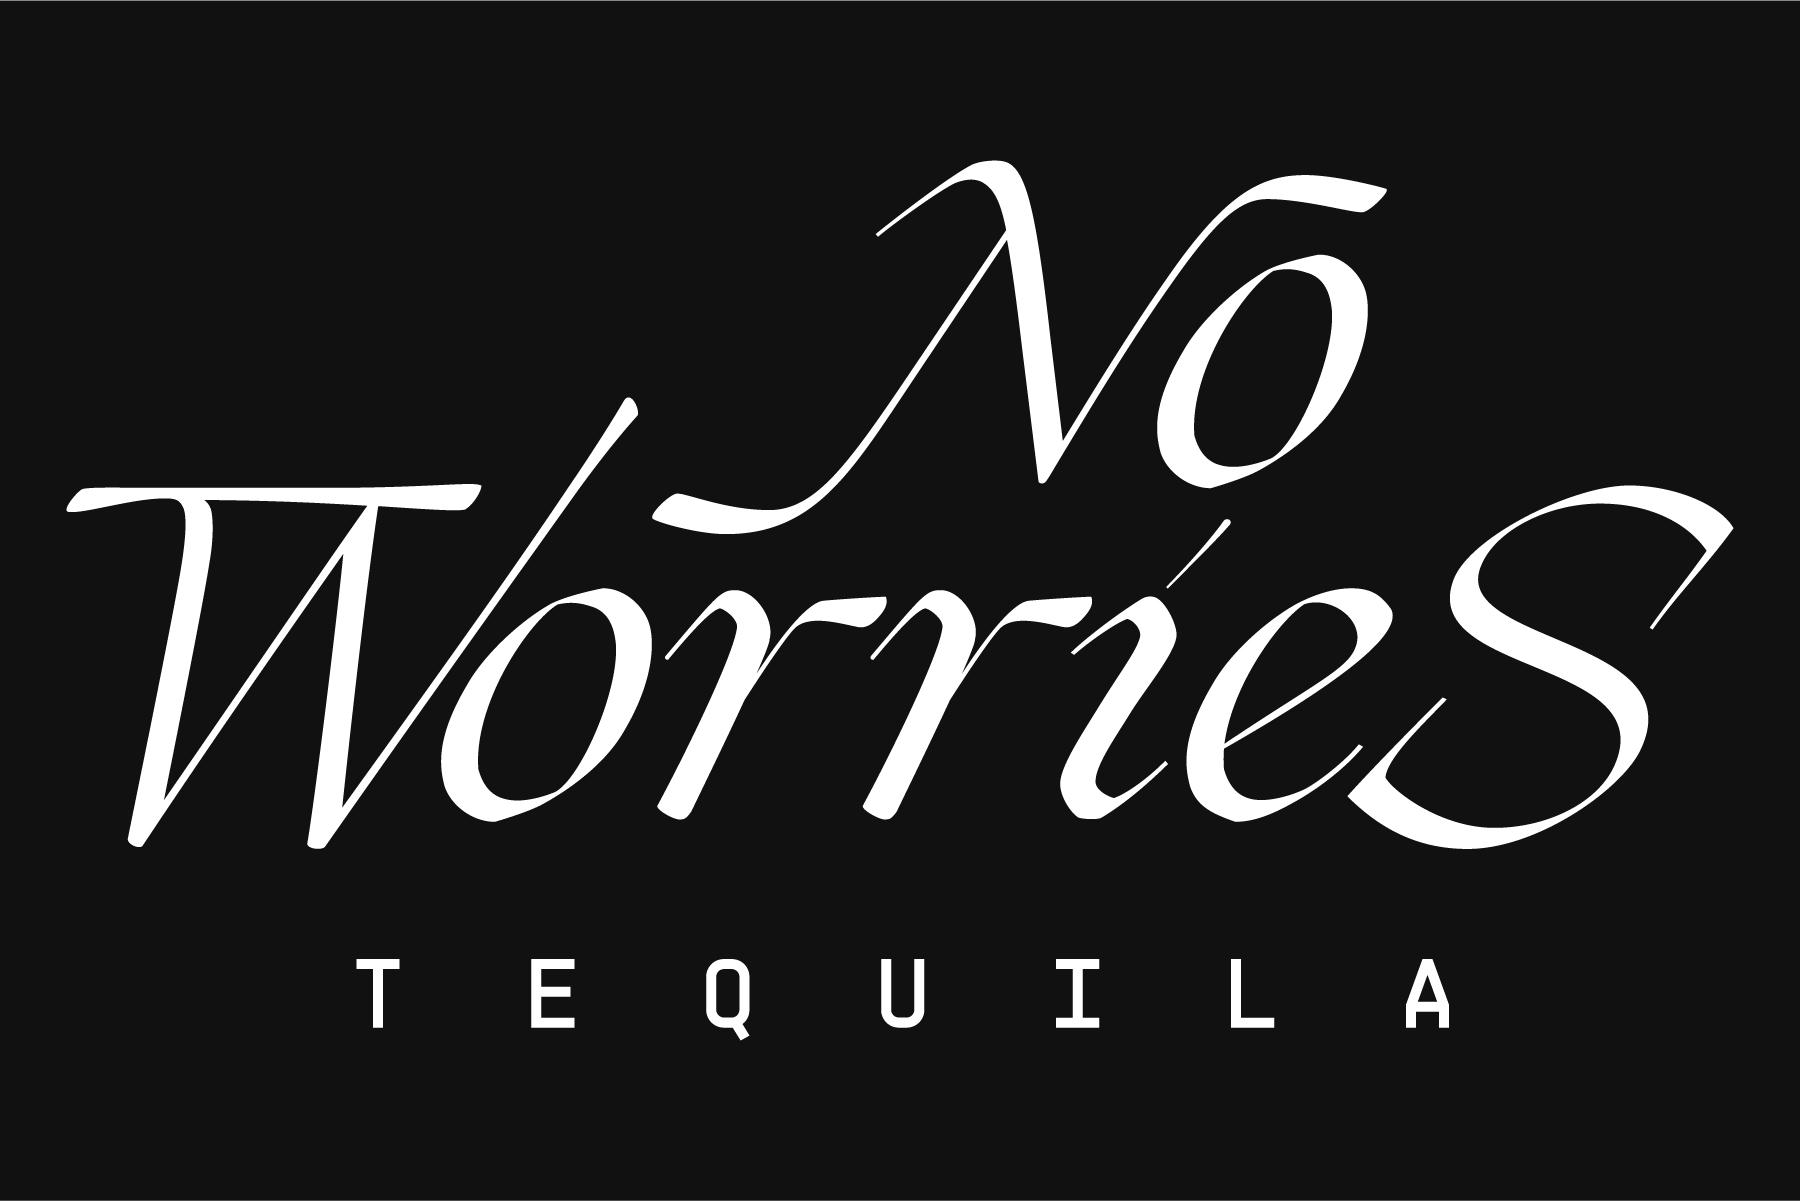 NoWorries_logos-03.jpg